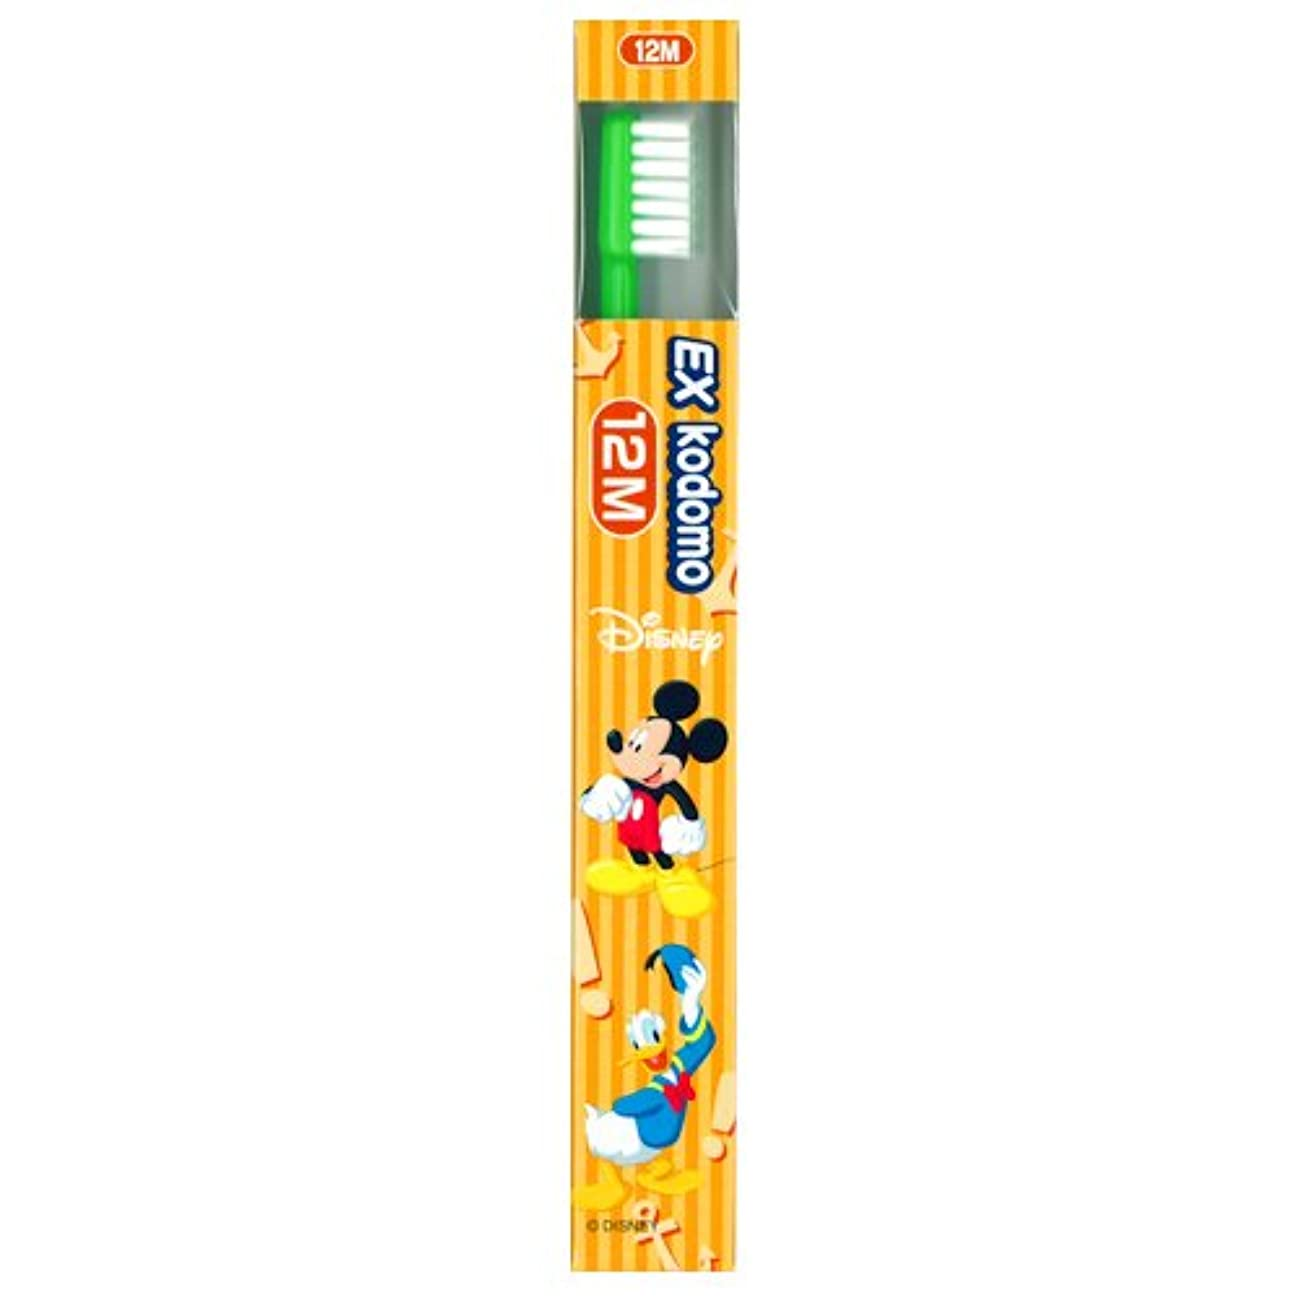 うんざり難しい奨励ライオン EX kodomo ディズニー 歯ブラシ 1本 12M グリーン